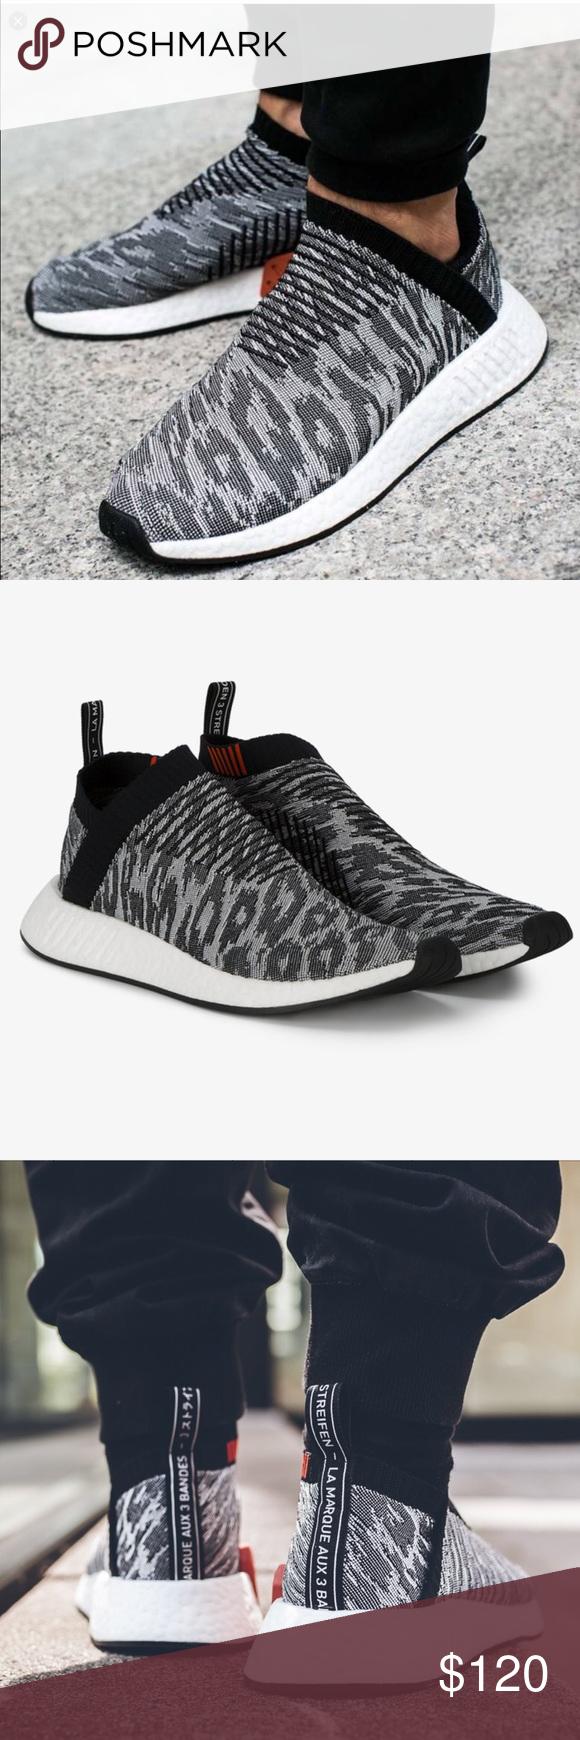 305c671f1fe2 💥Adidas Originals Leopard NMD CS2 Primeknit Shoes These black Adidas  Originals NMD CS2 Primeknit leopard